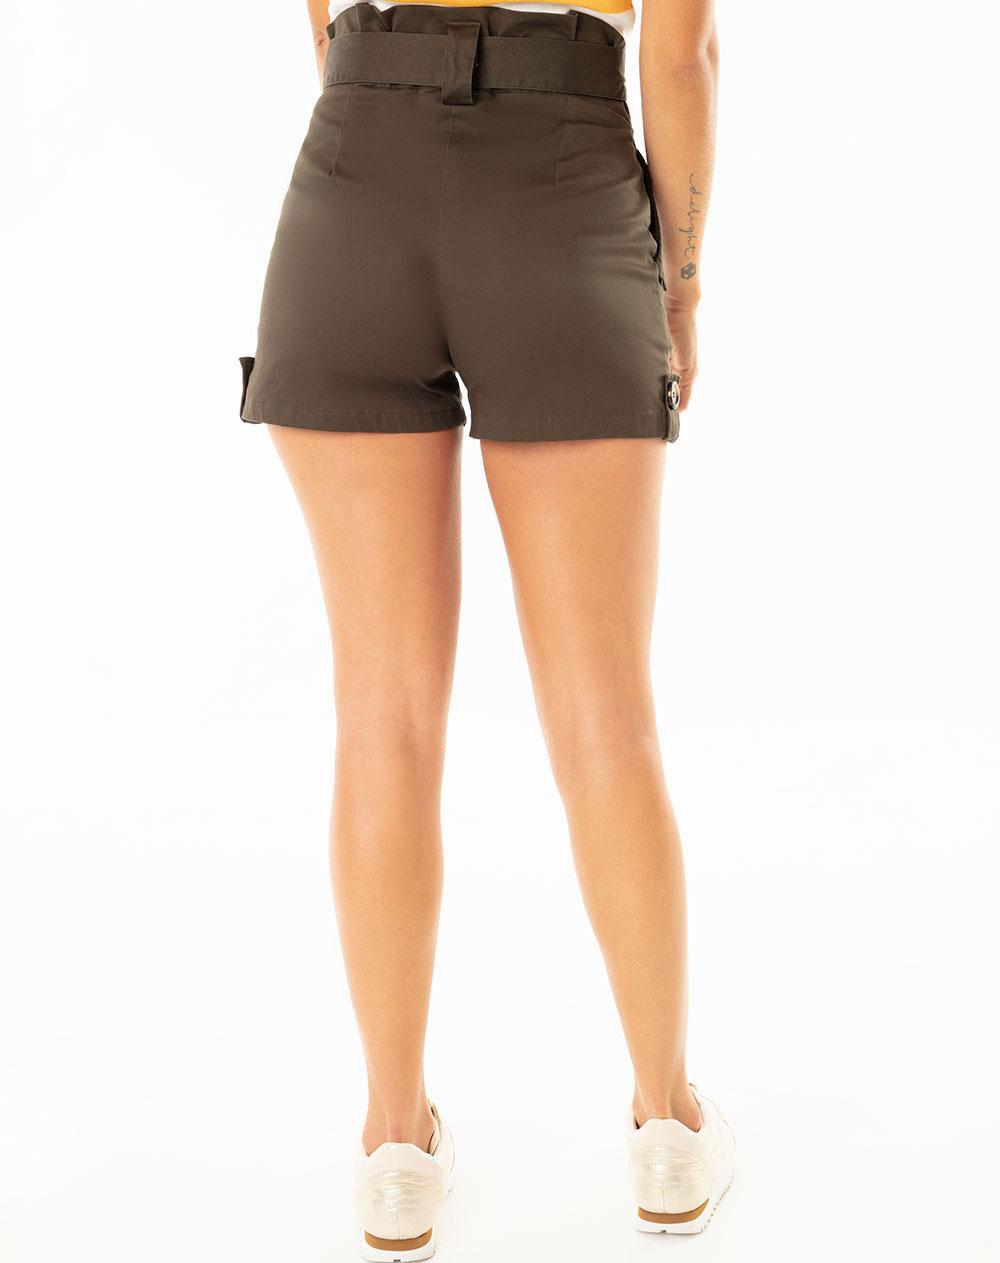 83fce5de74e70 Short para Mujer Tope Verde Militar Gef